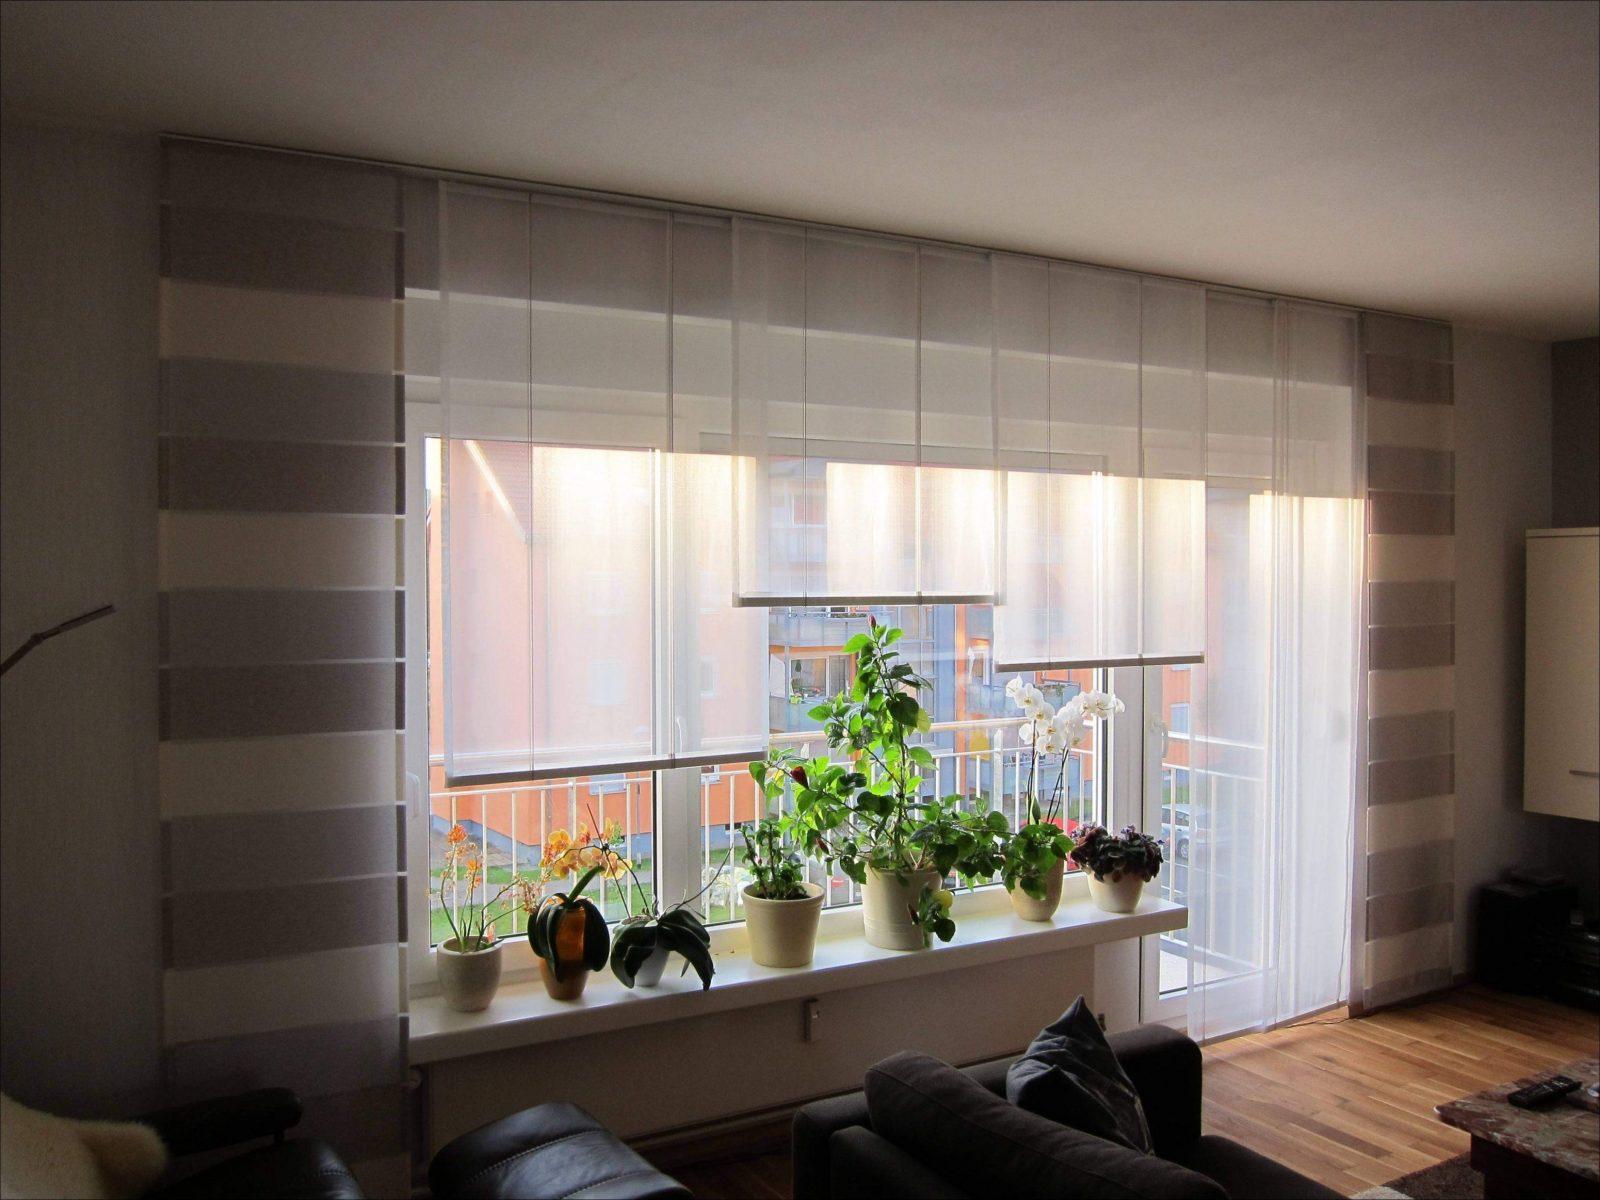 Wohnzimmer Gardinen Mit Balkontür Inspirierend 30 Einzigartig von Wohnzimmer Gardinen Mit Balkontuer Photo